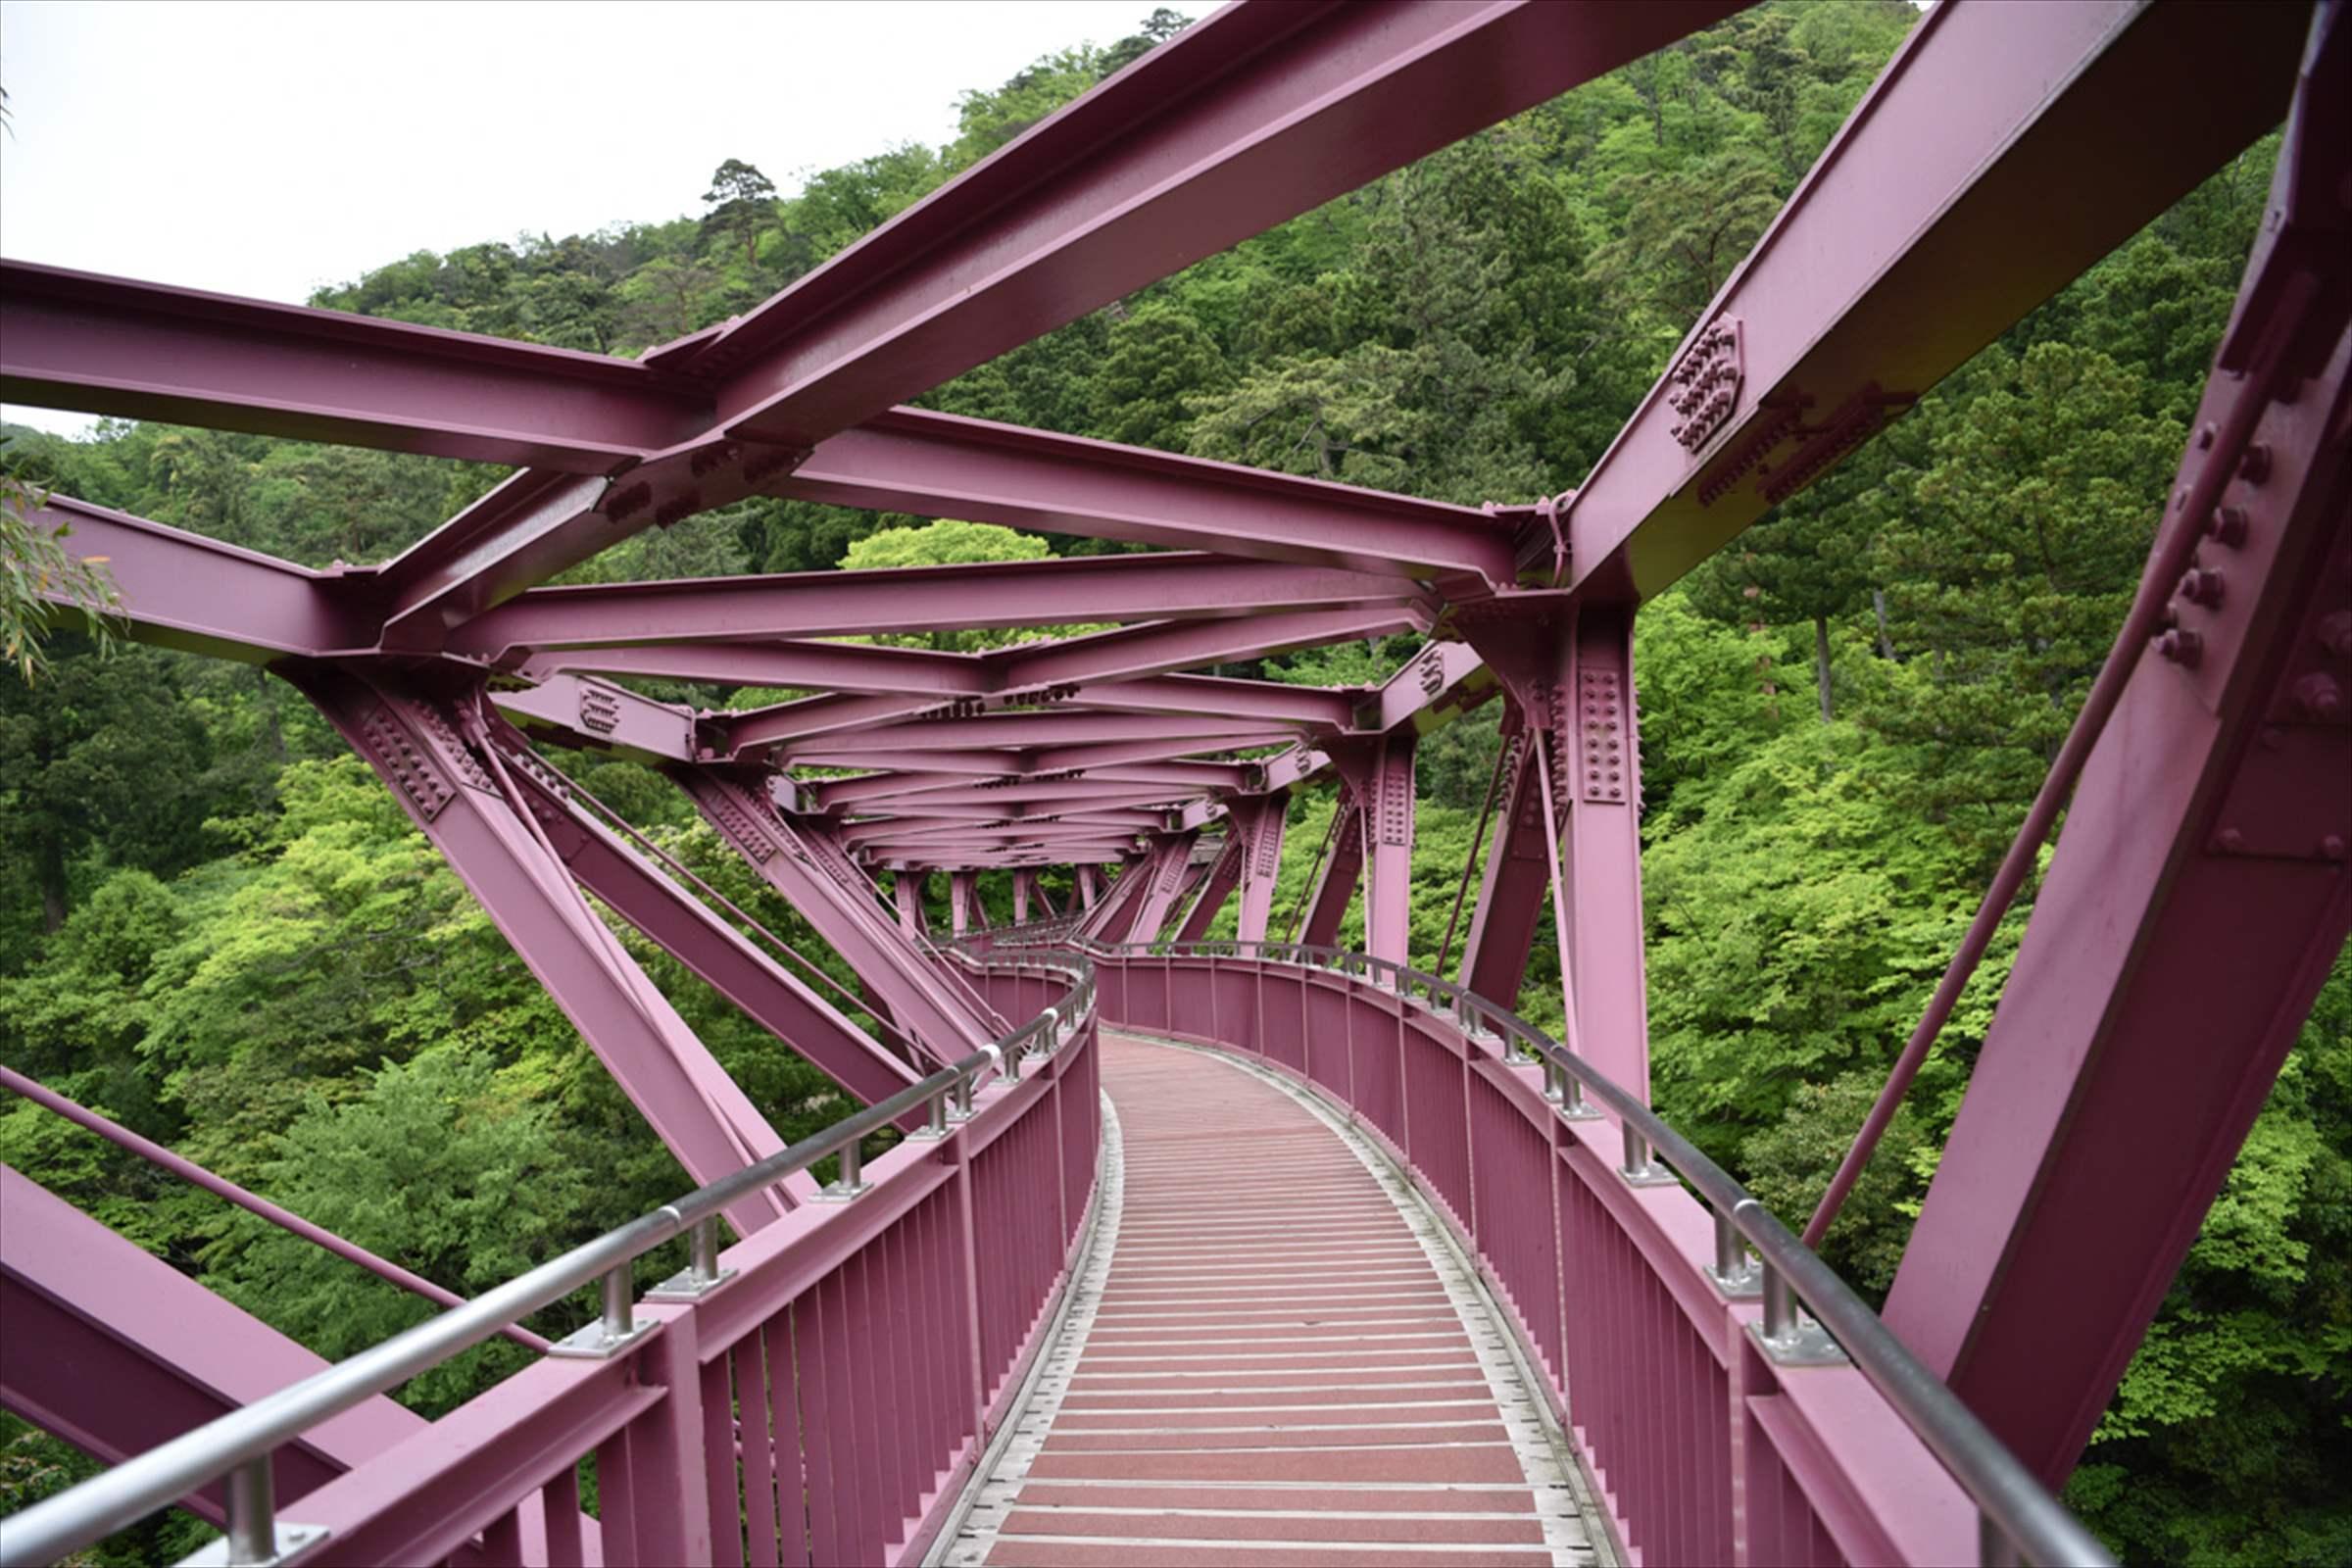 Ayatori-hashi Bridge